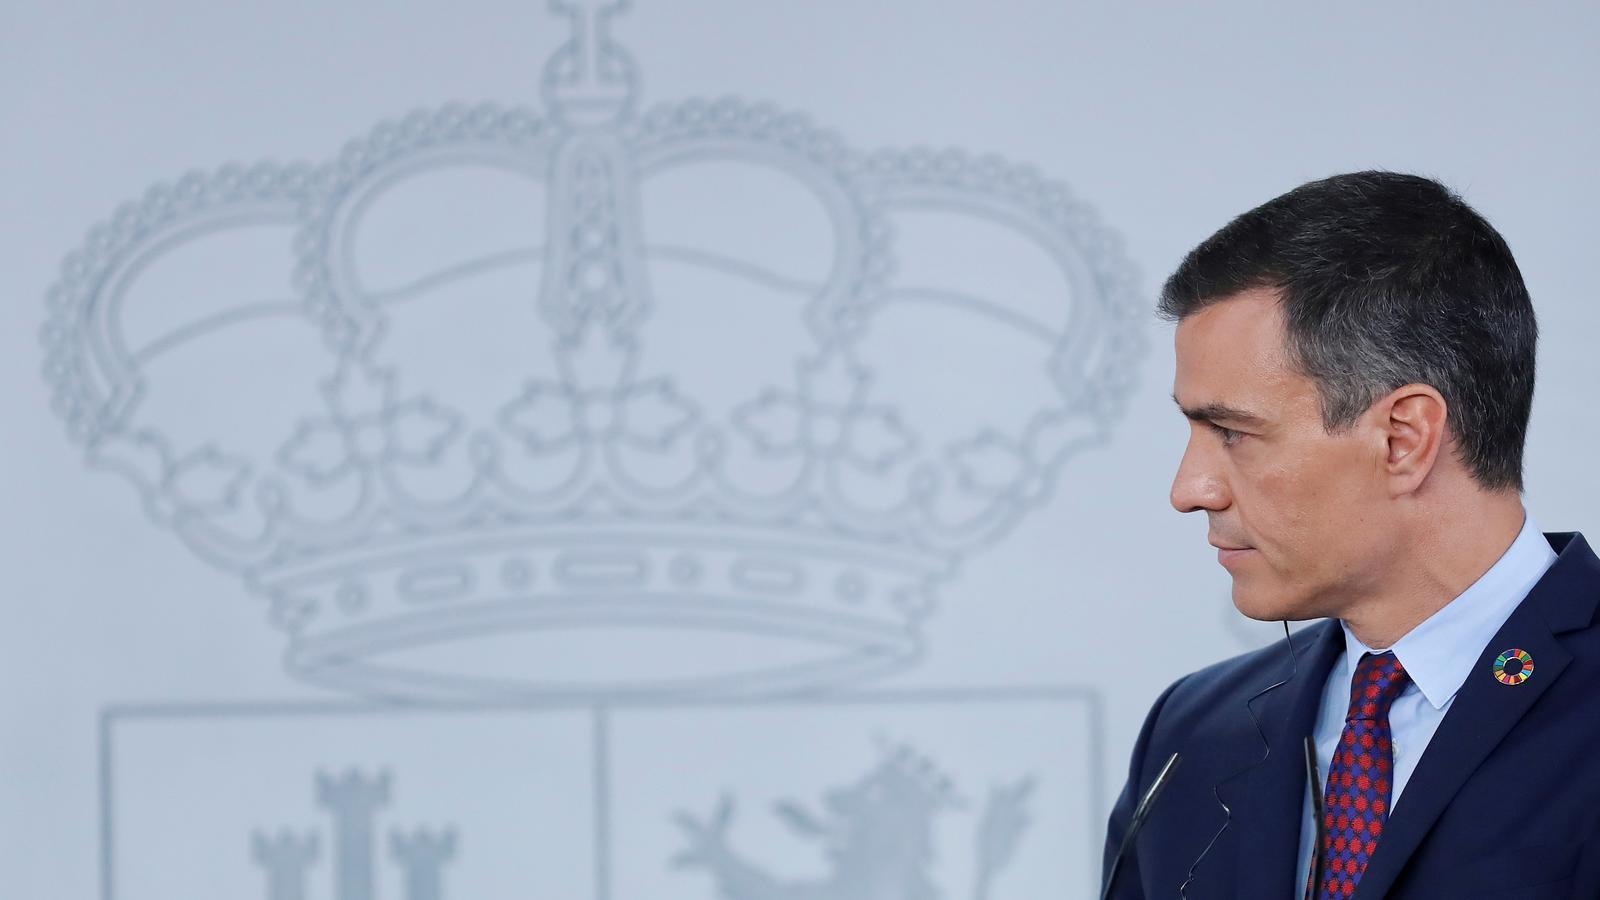 El president del govern espanyol, Pedro Sánchez, durant una roda de premsa a la Moncloa.